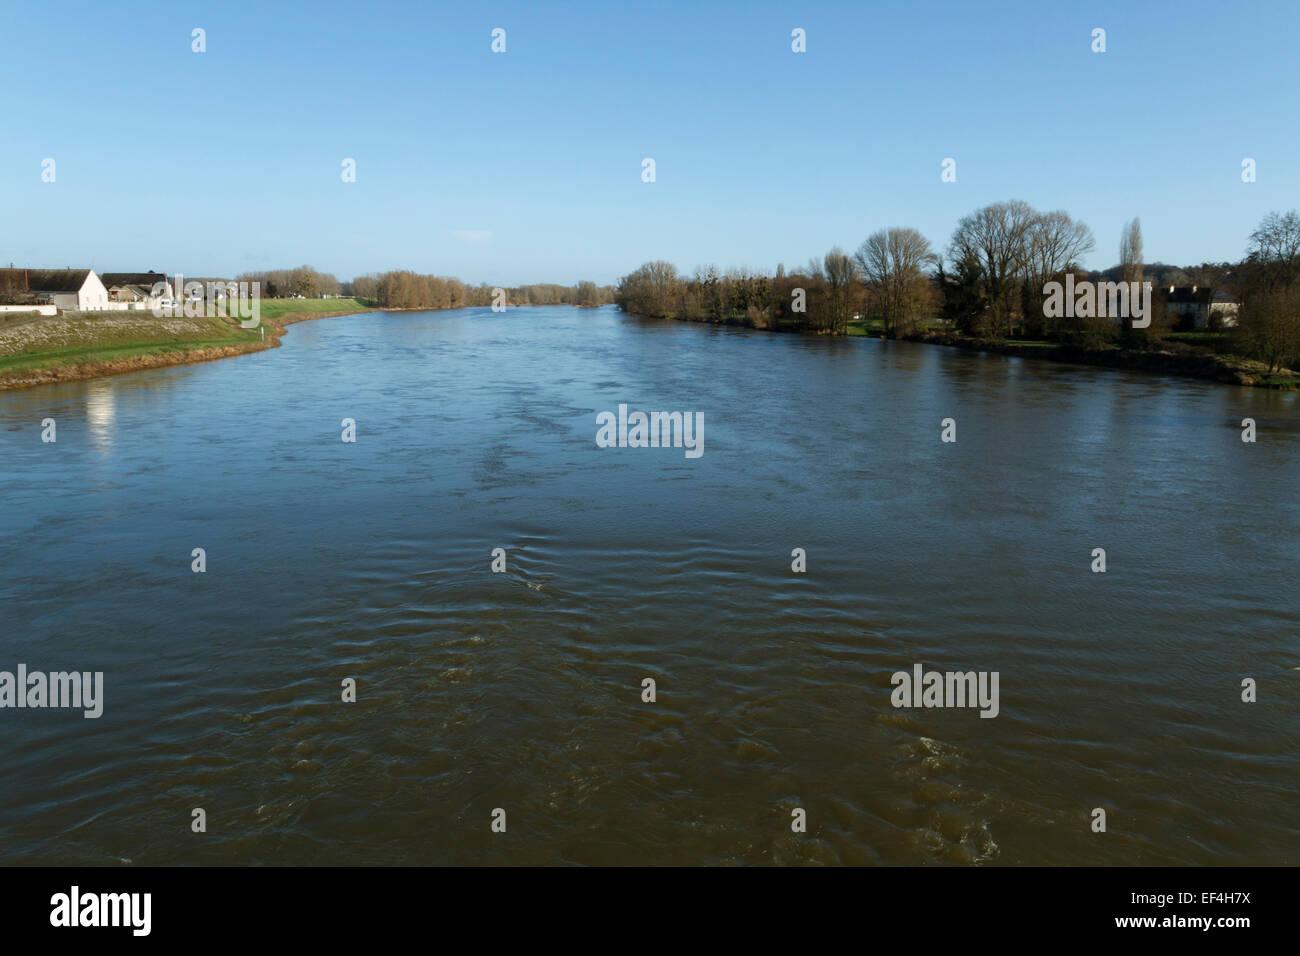 Campo con agua y casas, el río Loira, cerca de Amboise, Indre et Loire, Francia. Imagen De Stock